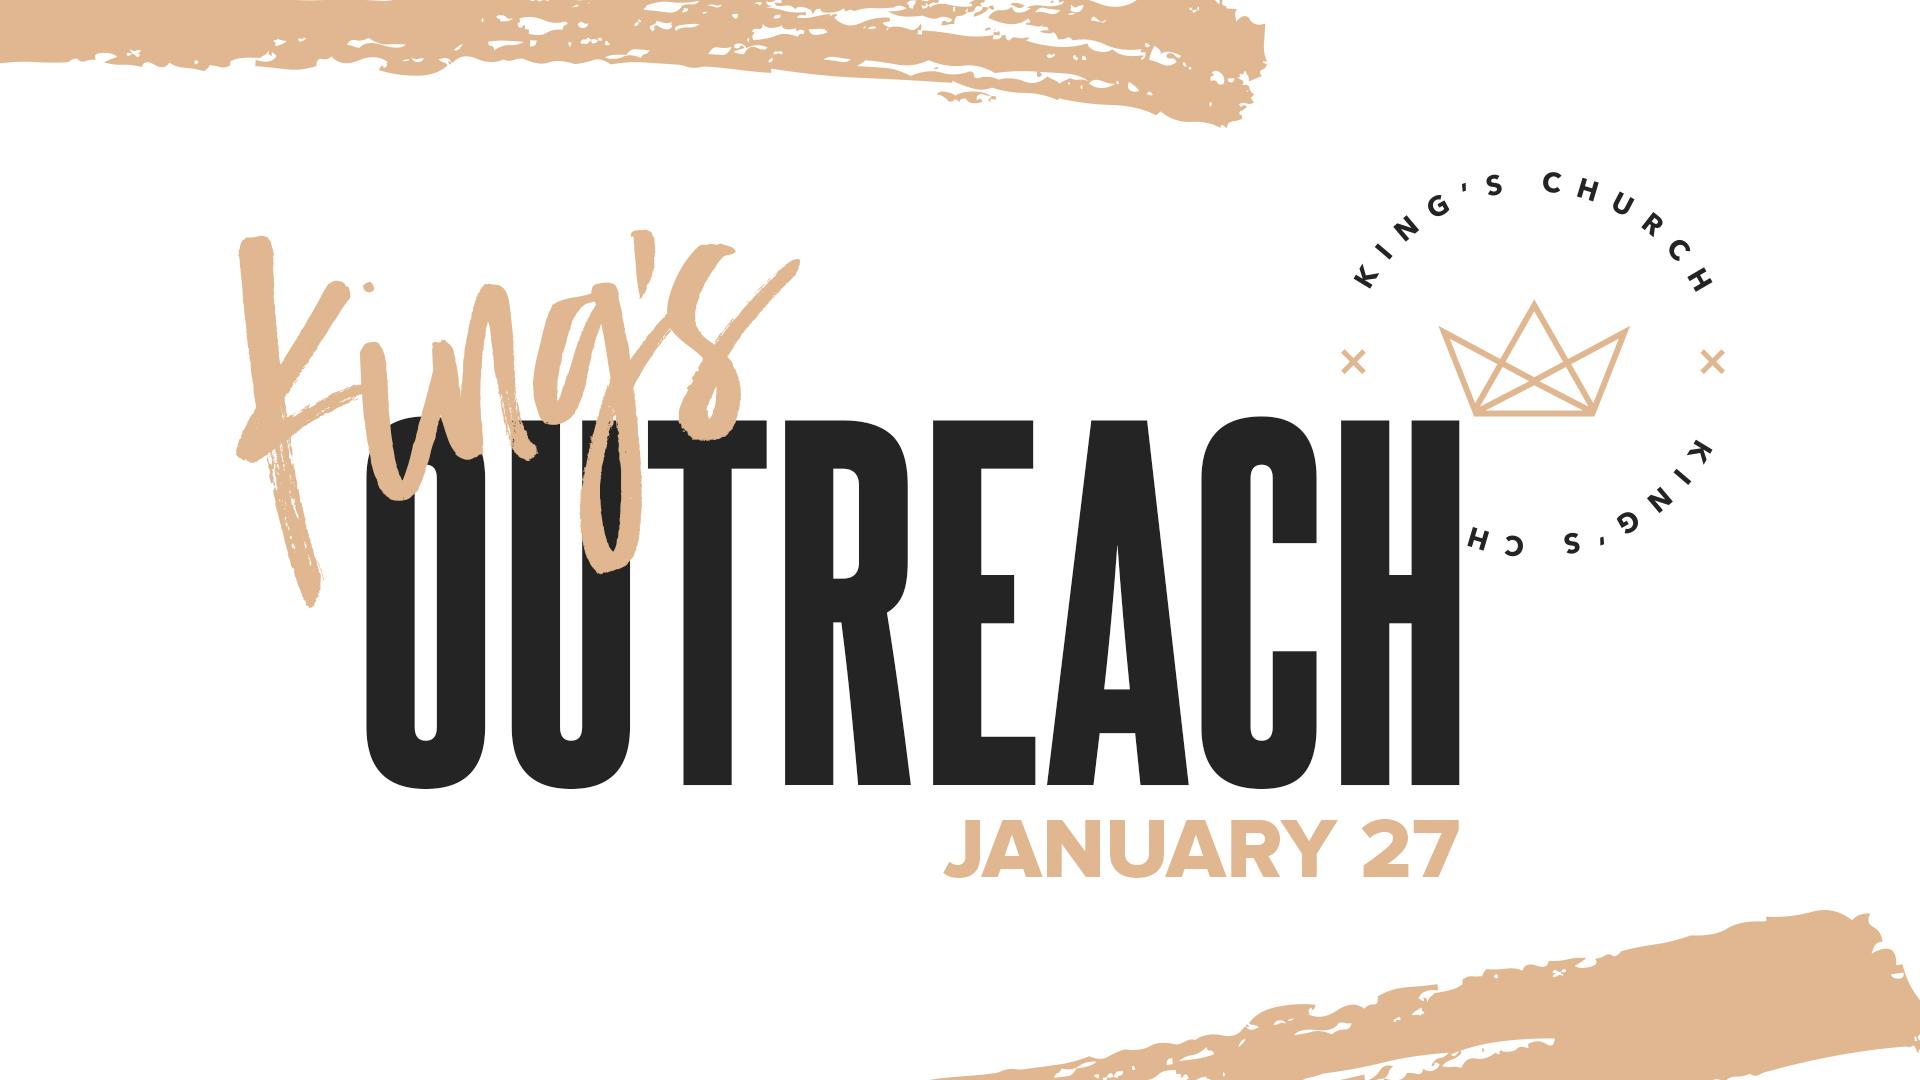 Kings outreach jan 27